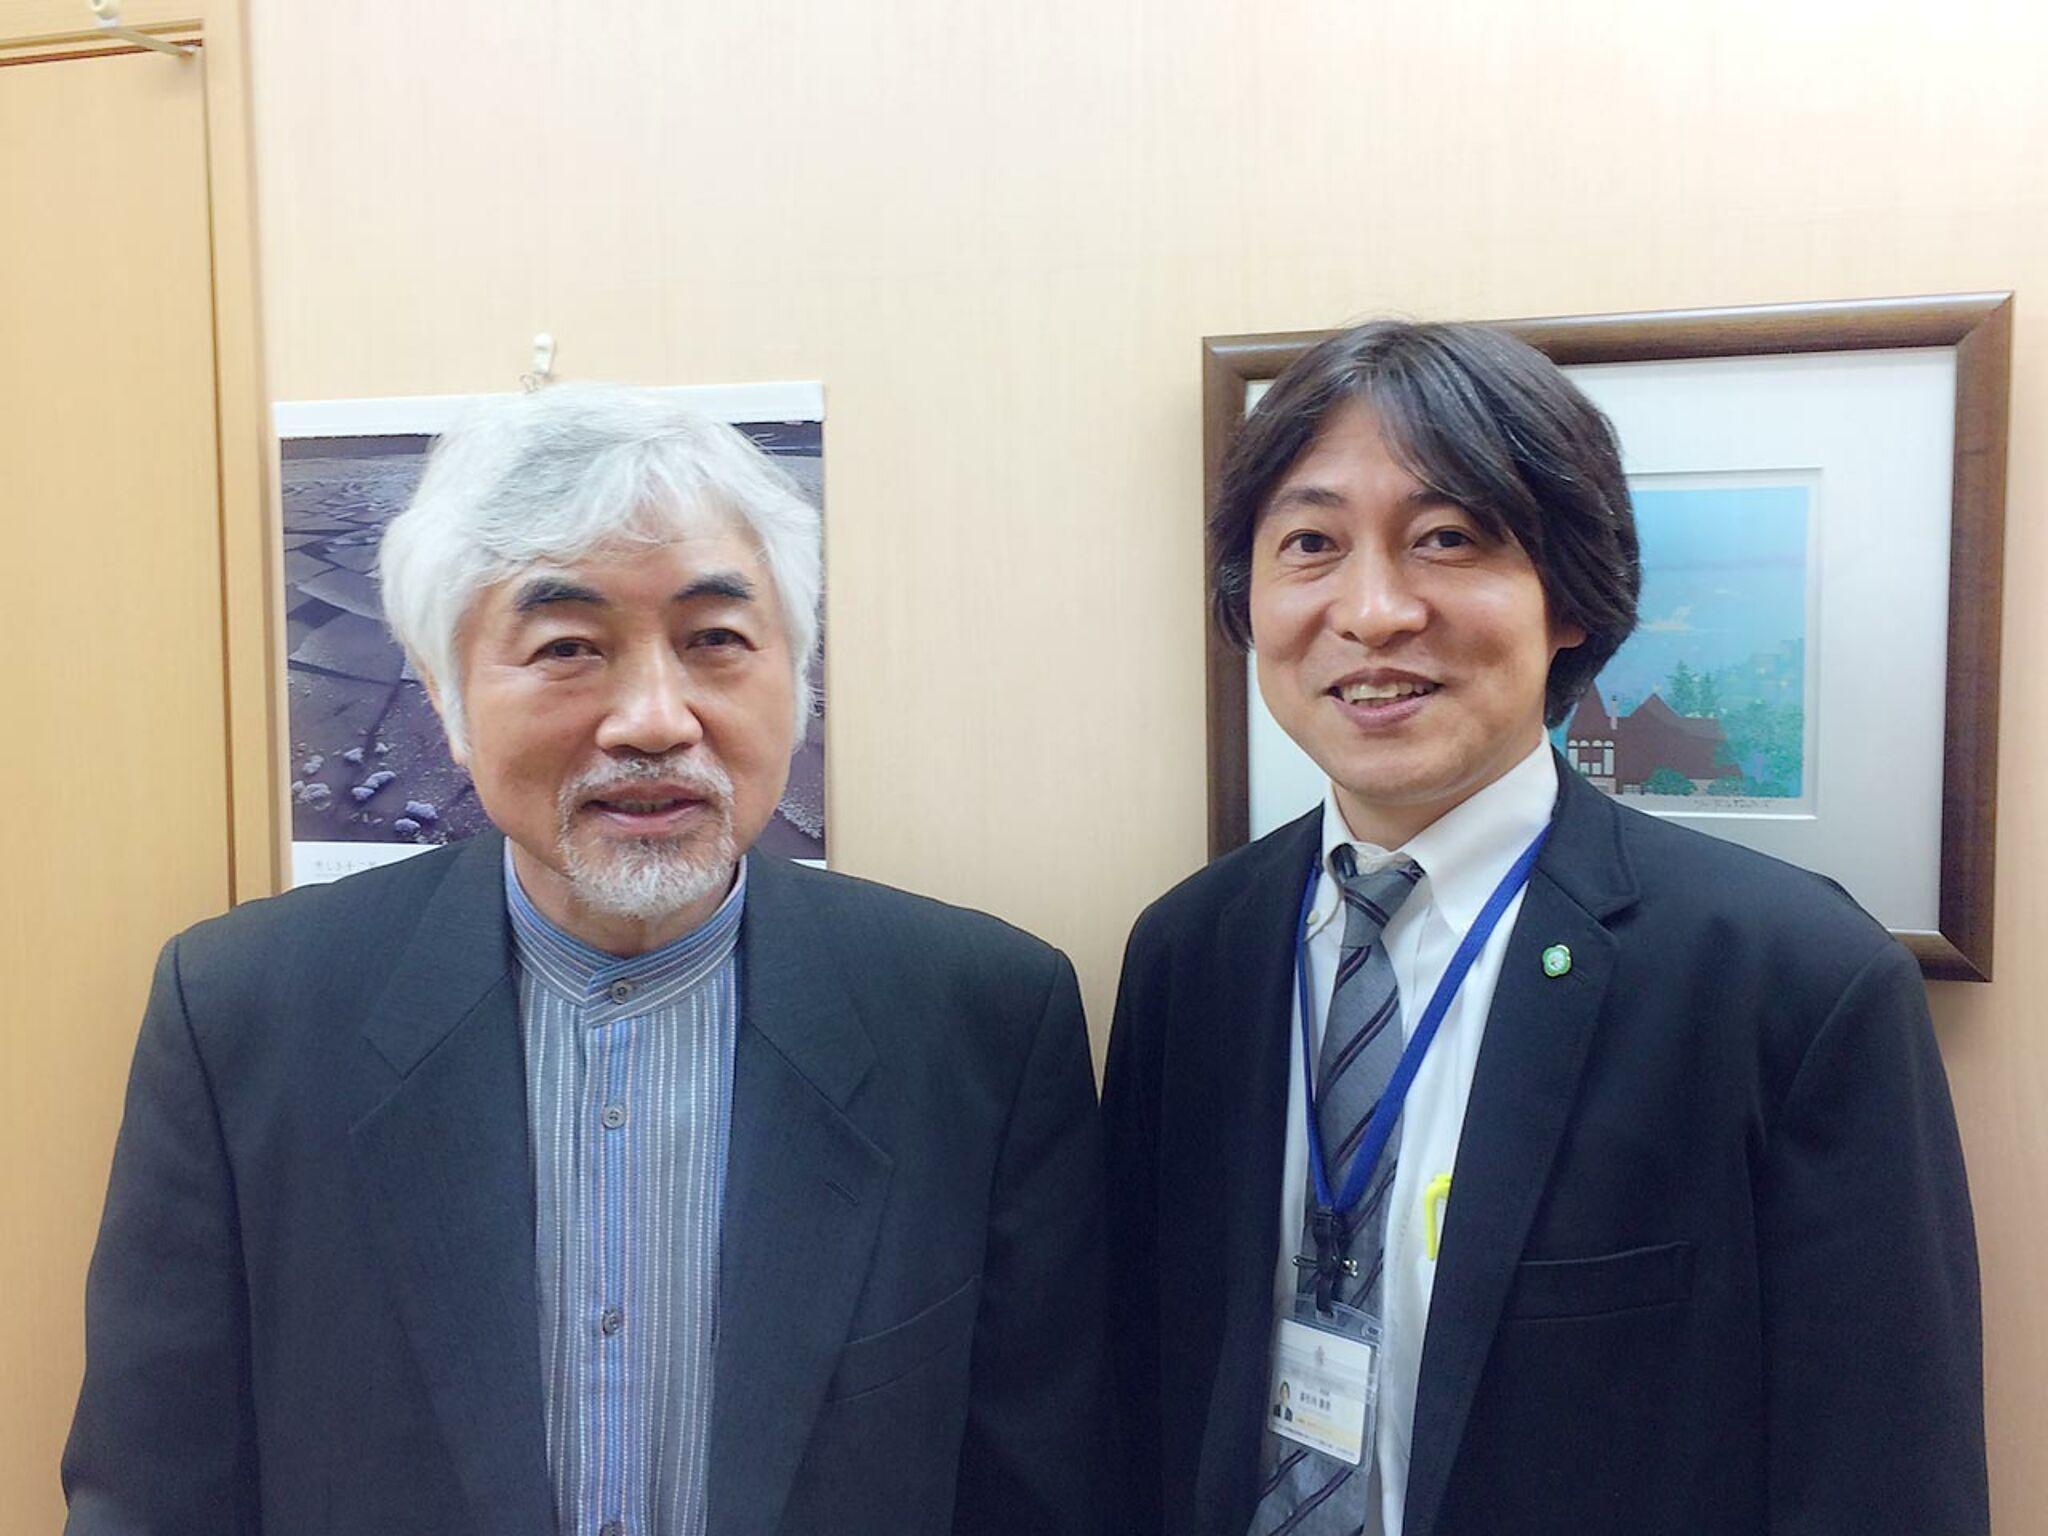 団体理事長とカウンセリングセンター長2人が写っている画像